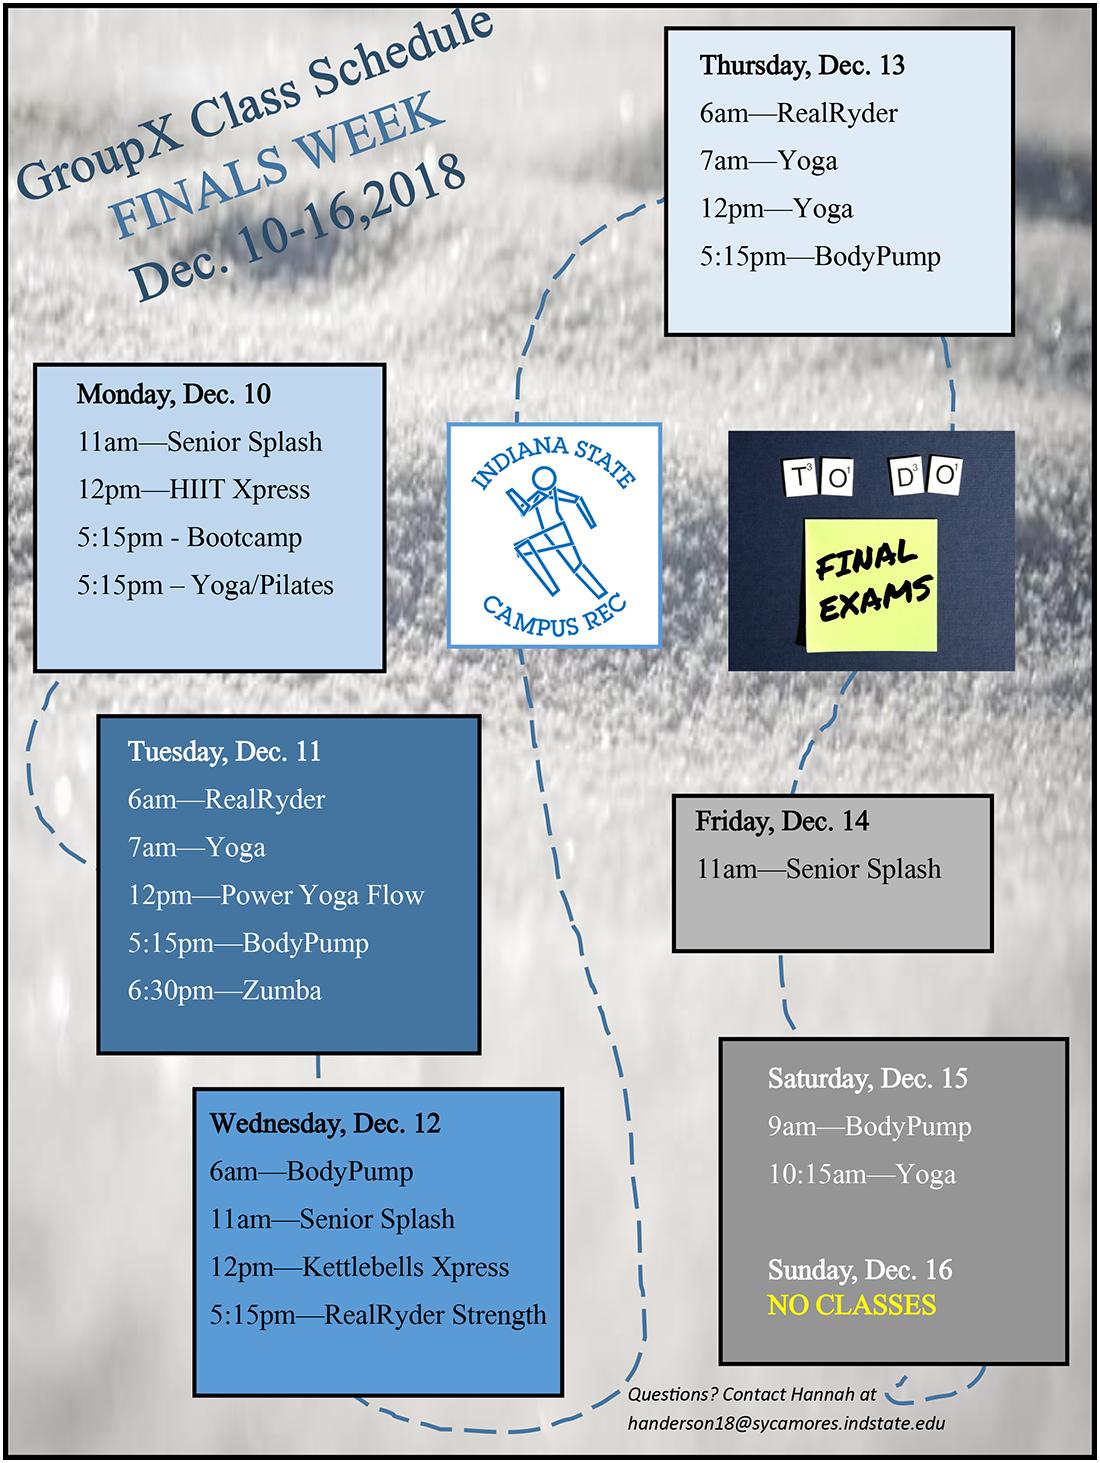 GroupX class schedule Finals Week Dec 10-16 2018